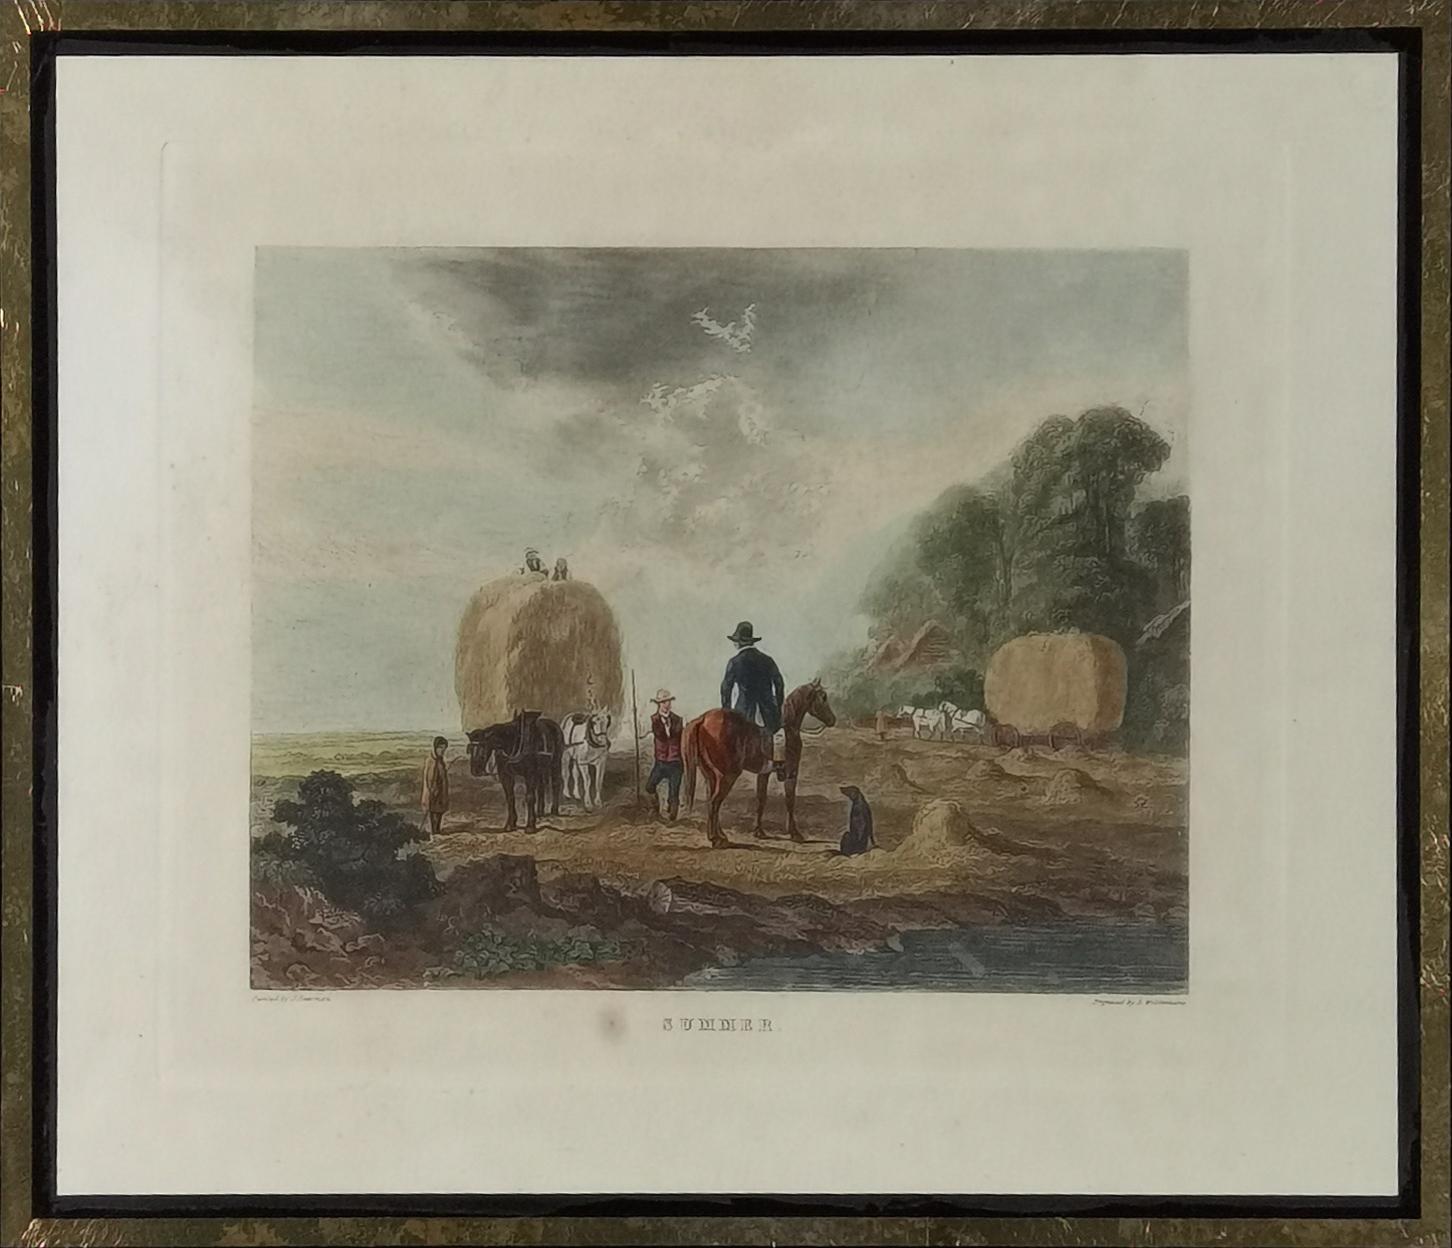 Rytował Dean WOLSTENHOLME SR (1757-1837) wg John DEARMAN (1824-1856)